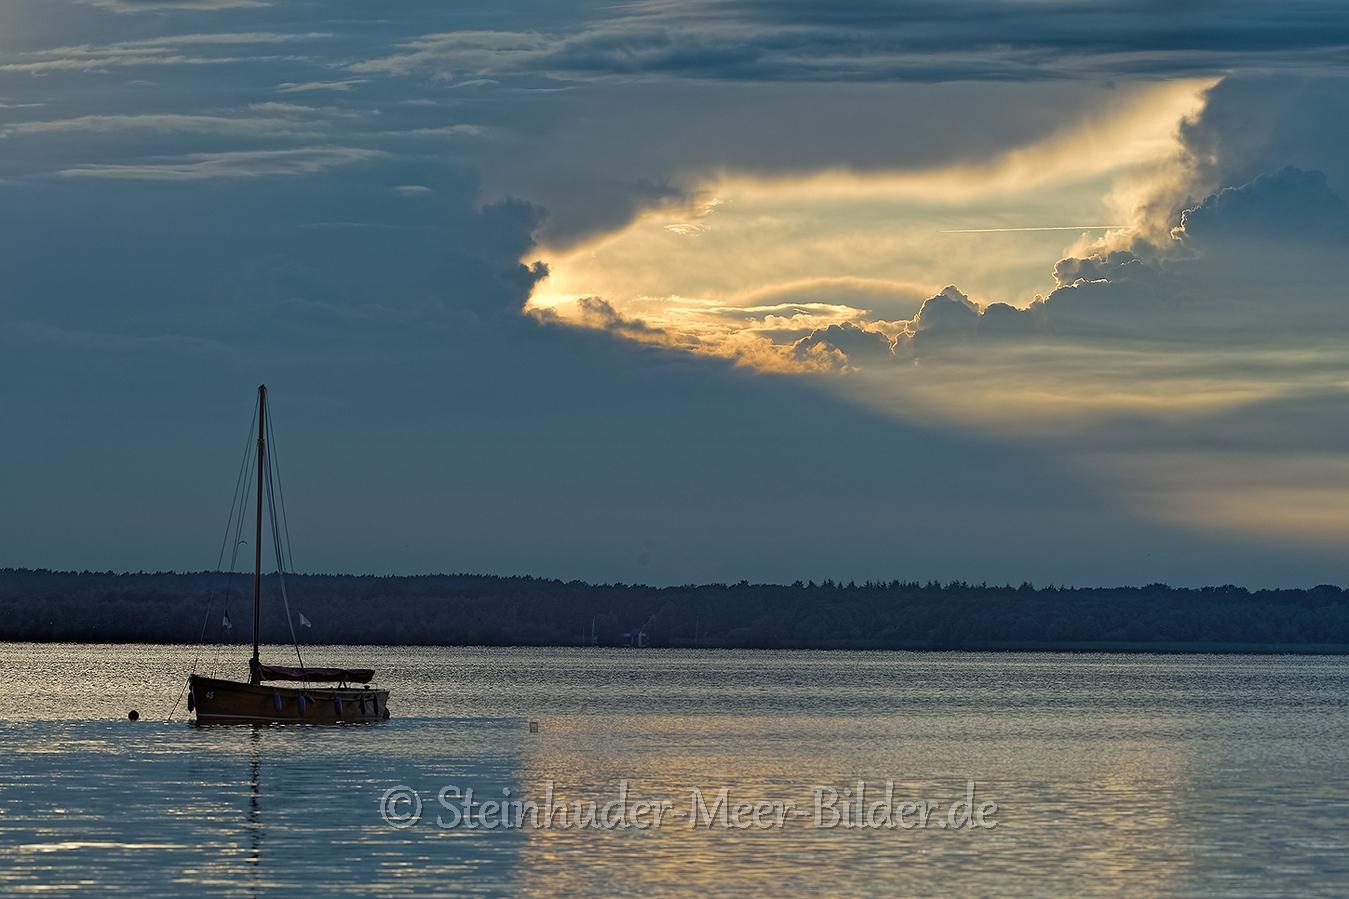 Wolkenhimmel-Wolkenloch-Segelboot-Boot-Abendstimmung-Abendlicht-Steinhuder Meer-B_NIK_0392